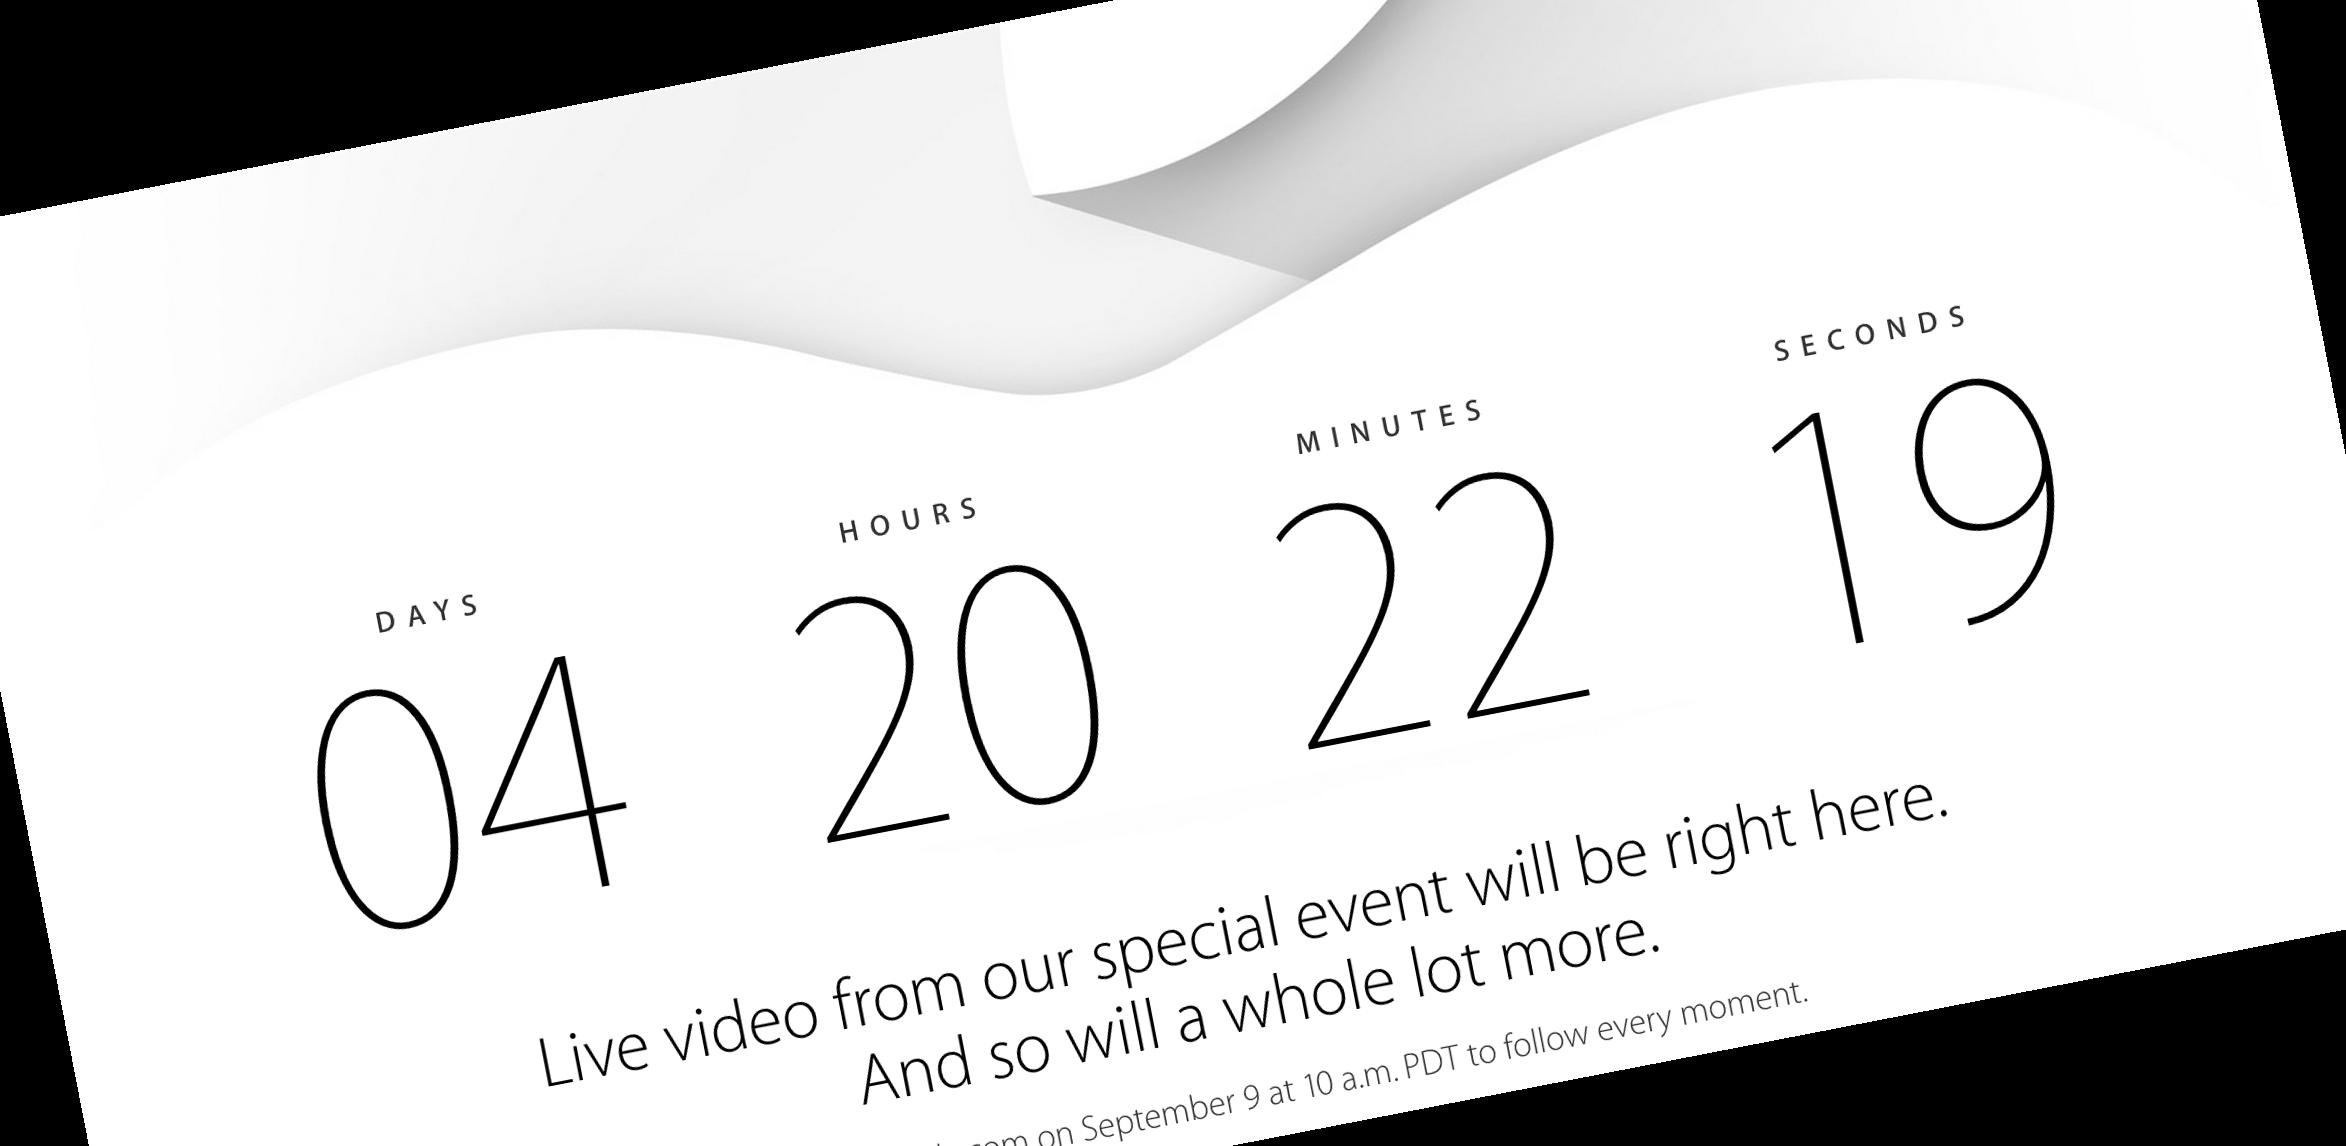 Apple próbuje odwrócić uwagę od targów IFA 2014 – odlicza do swojej konferencji i zapowiada wideo na żywo